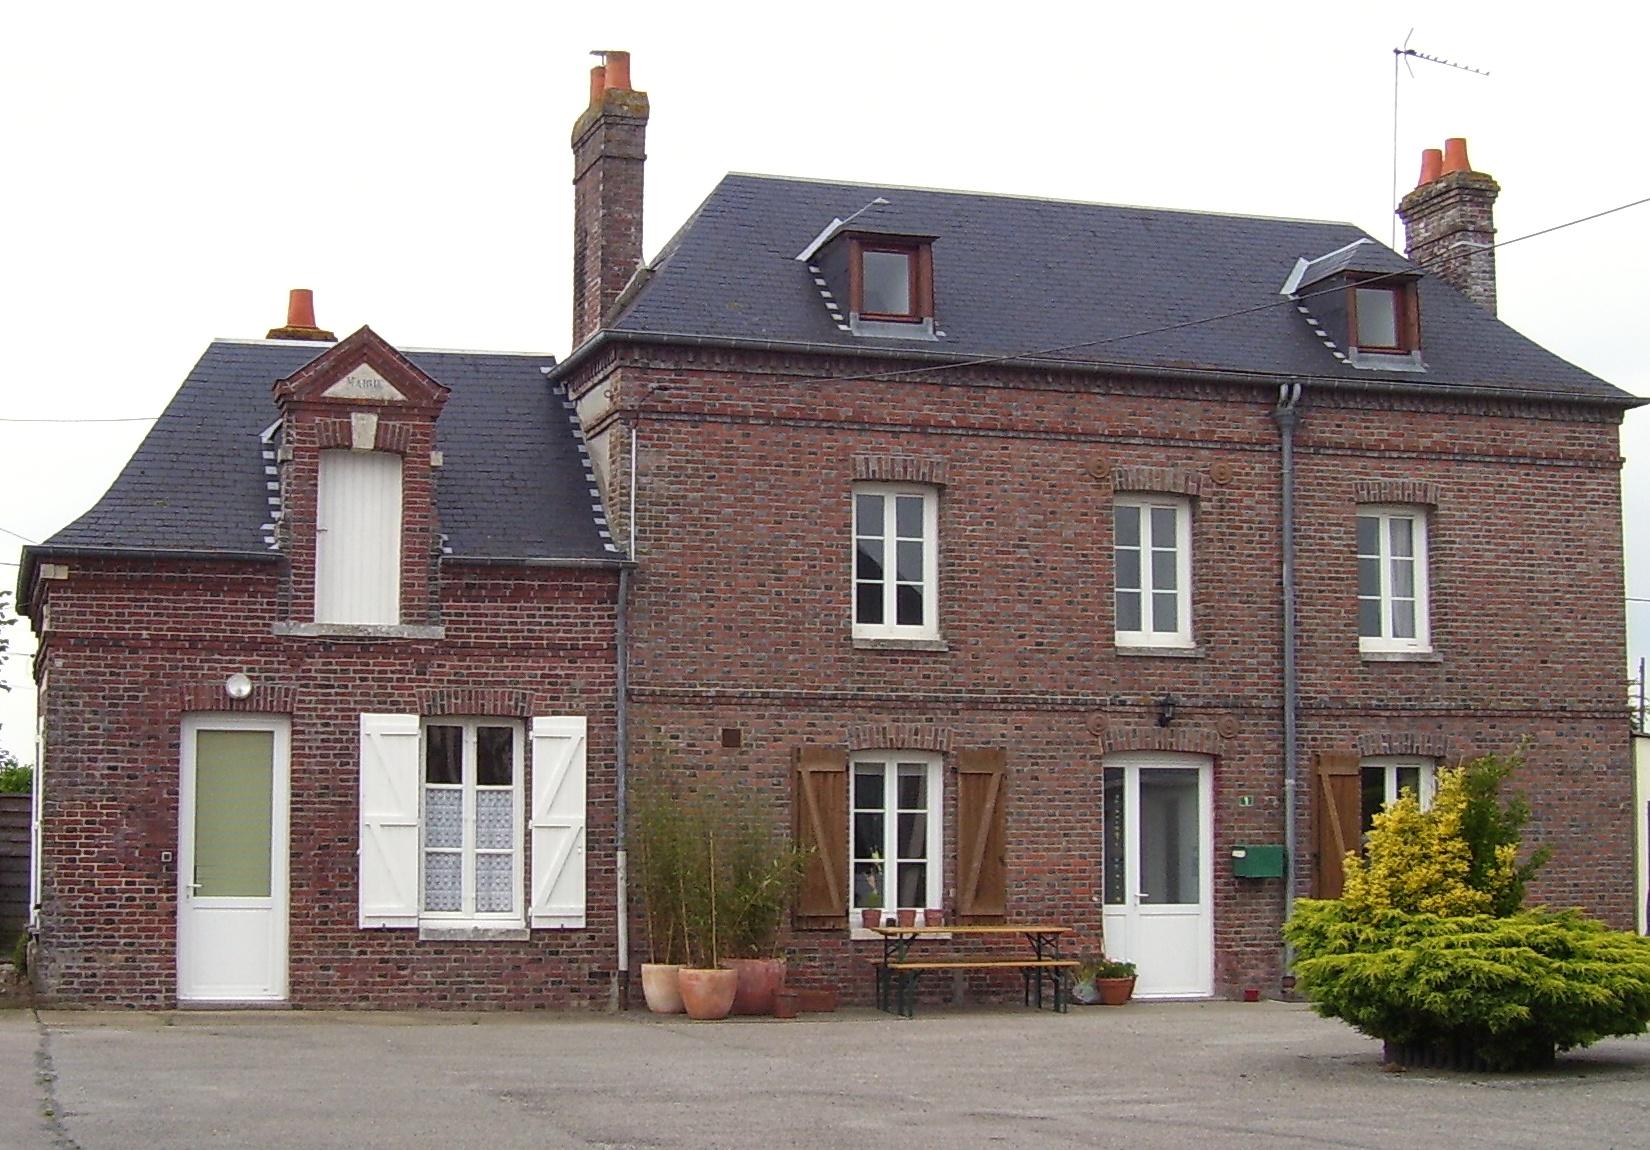 alte Mairie und Dorfschule in Aclou, eigenes Foto, Lizenz: public domain/gemeinfrei